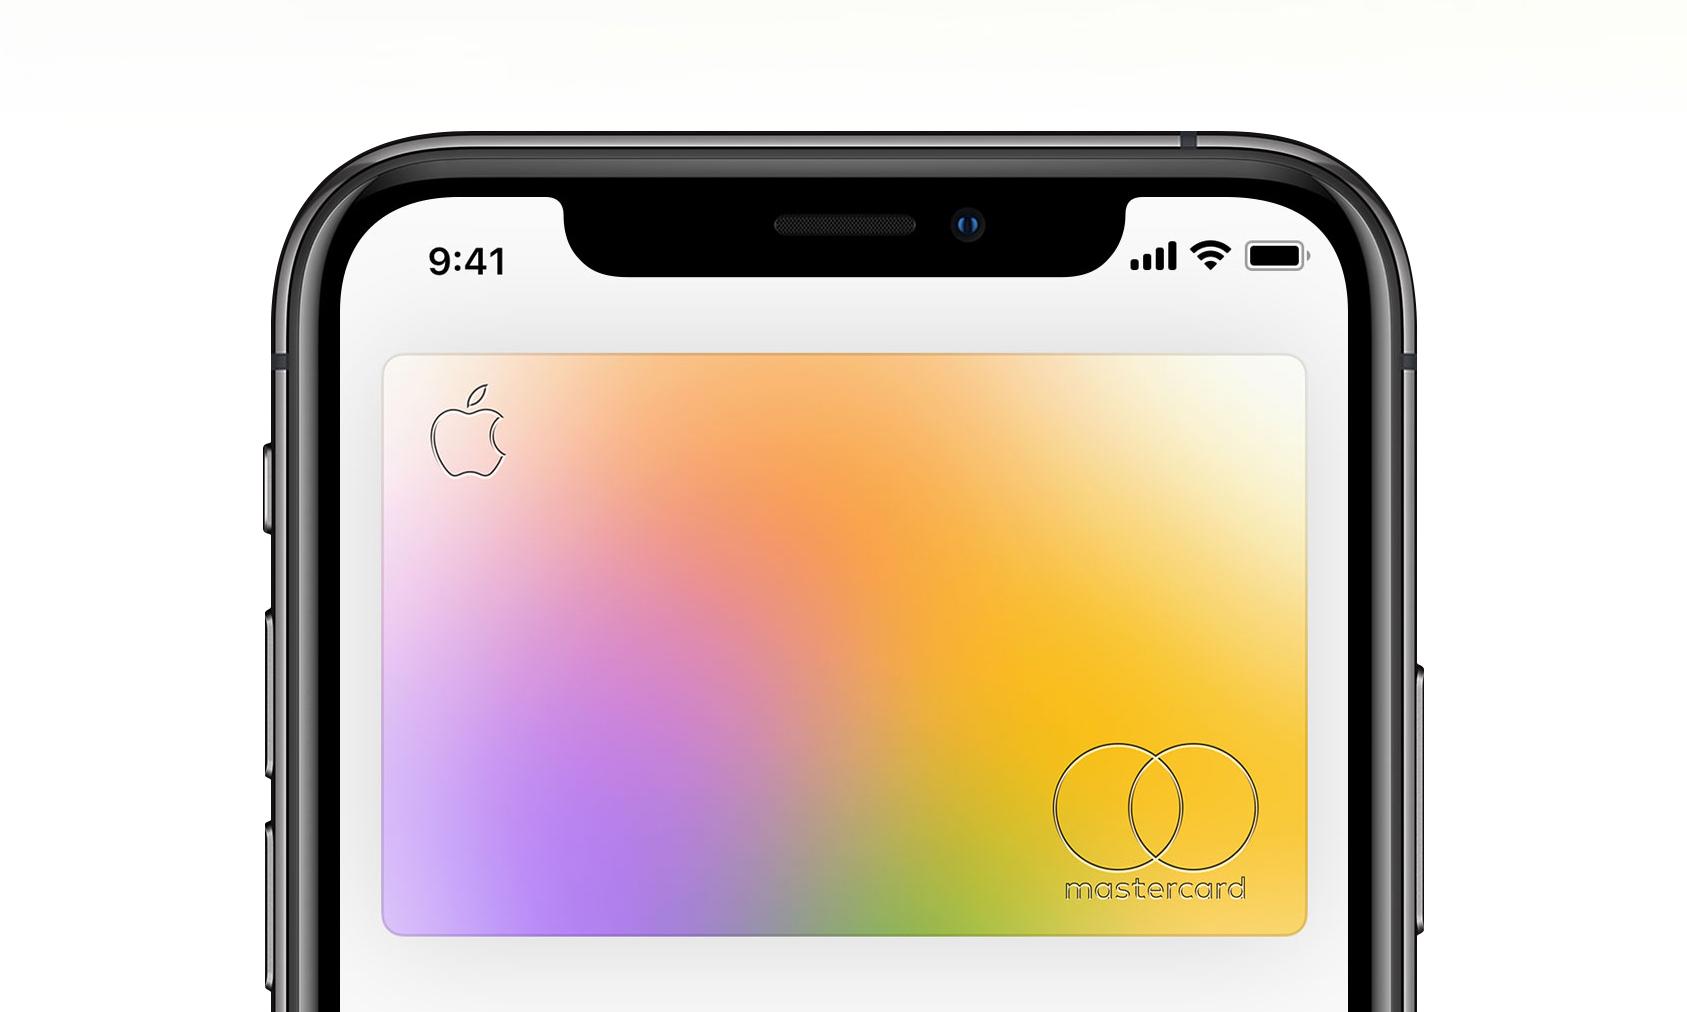 Apple Card 现已于美国正式公开发行